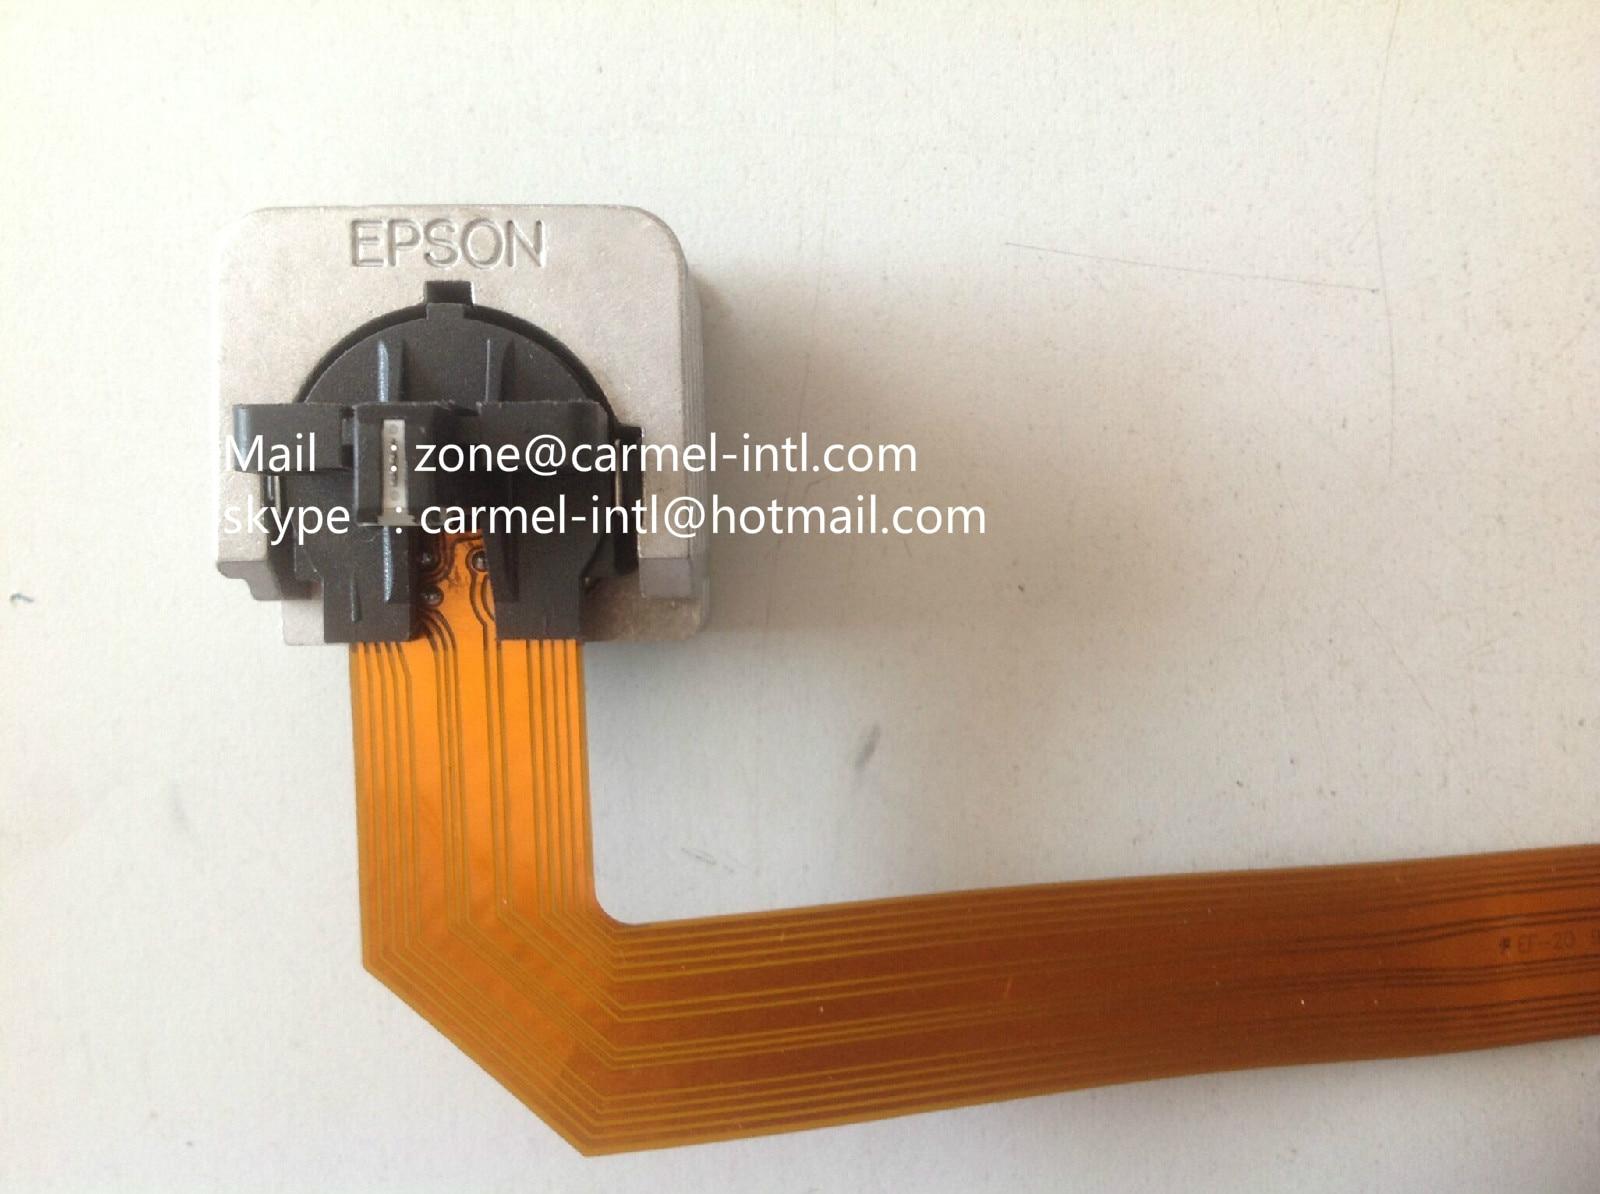 Cabeça De Impressão Cabeça De Impressão Da Cabeça de impressão Compatível para EPS Tmu675 Tm-u675 Tm675 Assy Da Cabeça de IMPRESSÃO da Impressora COM Cabeça CABO